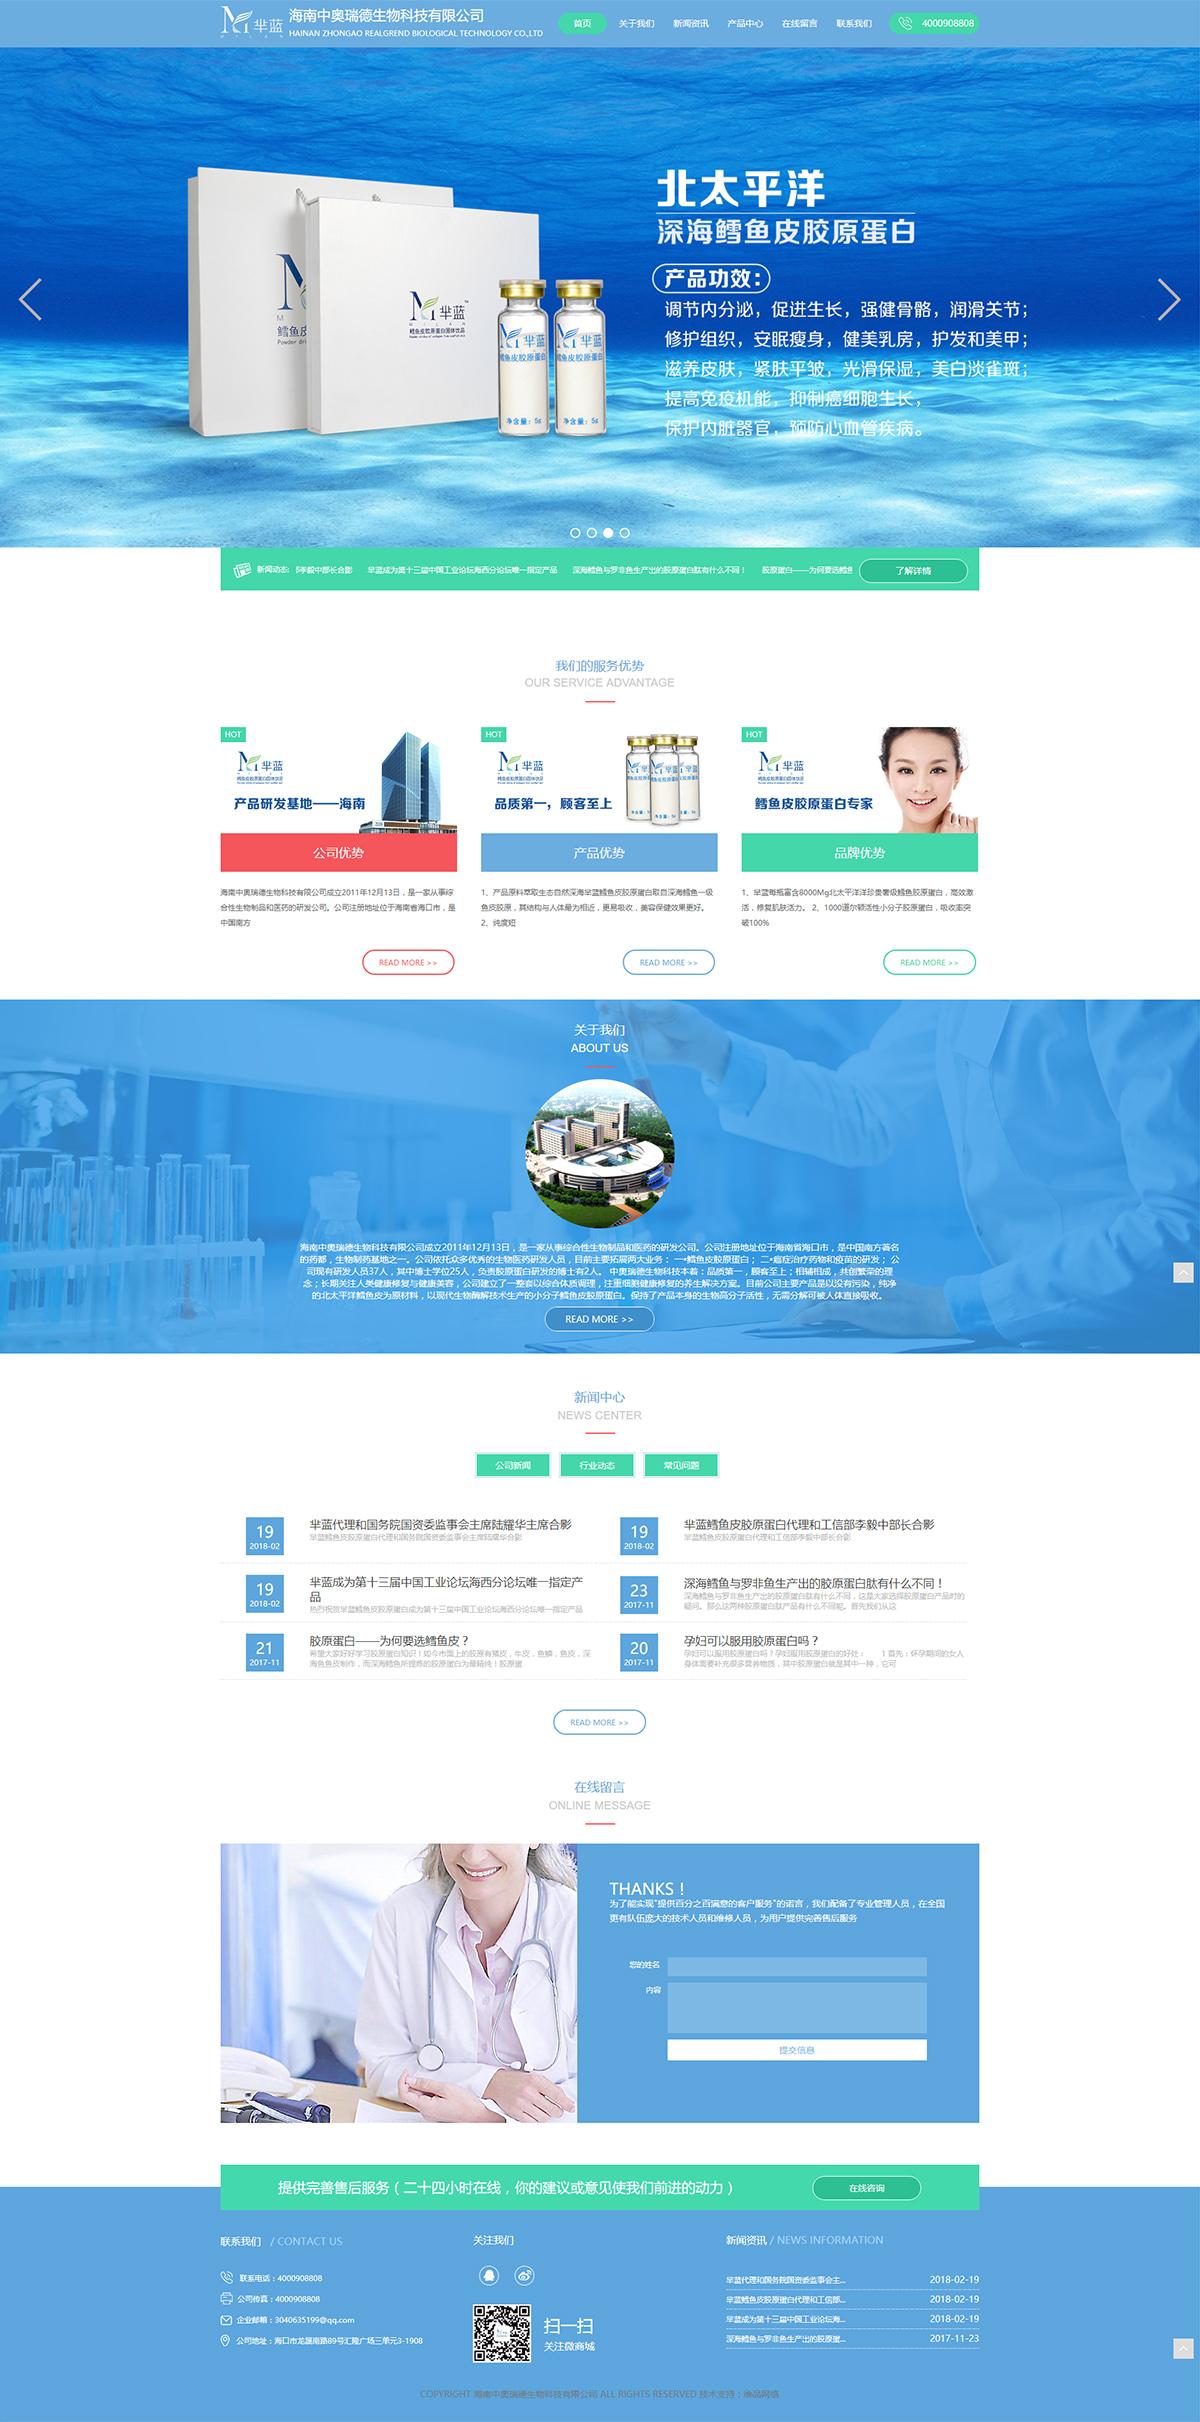 生物科技公司网站建设